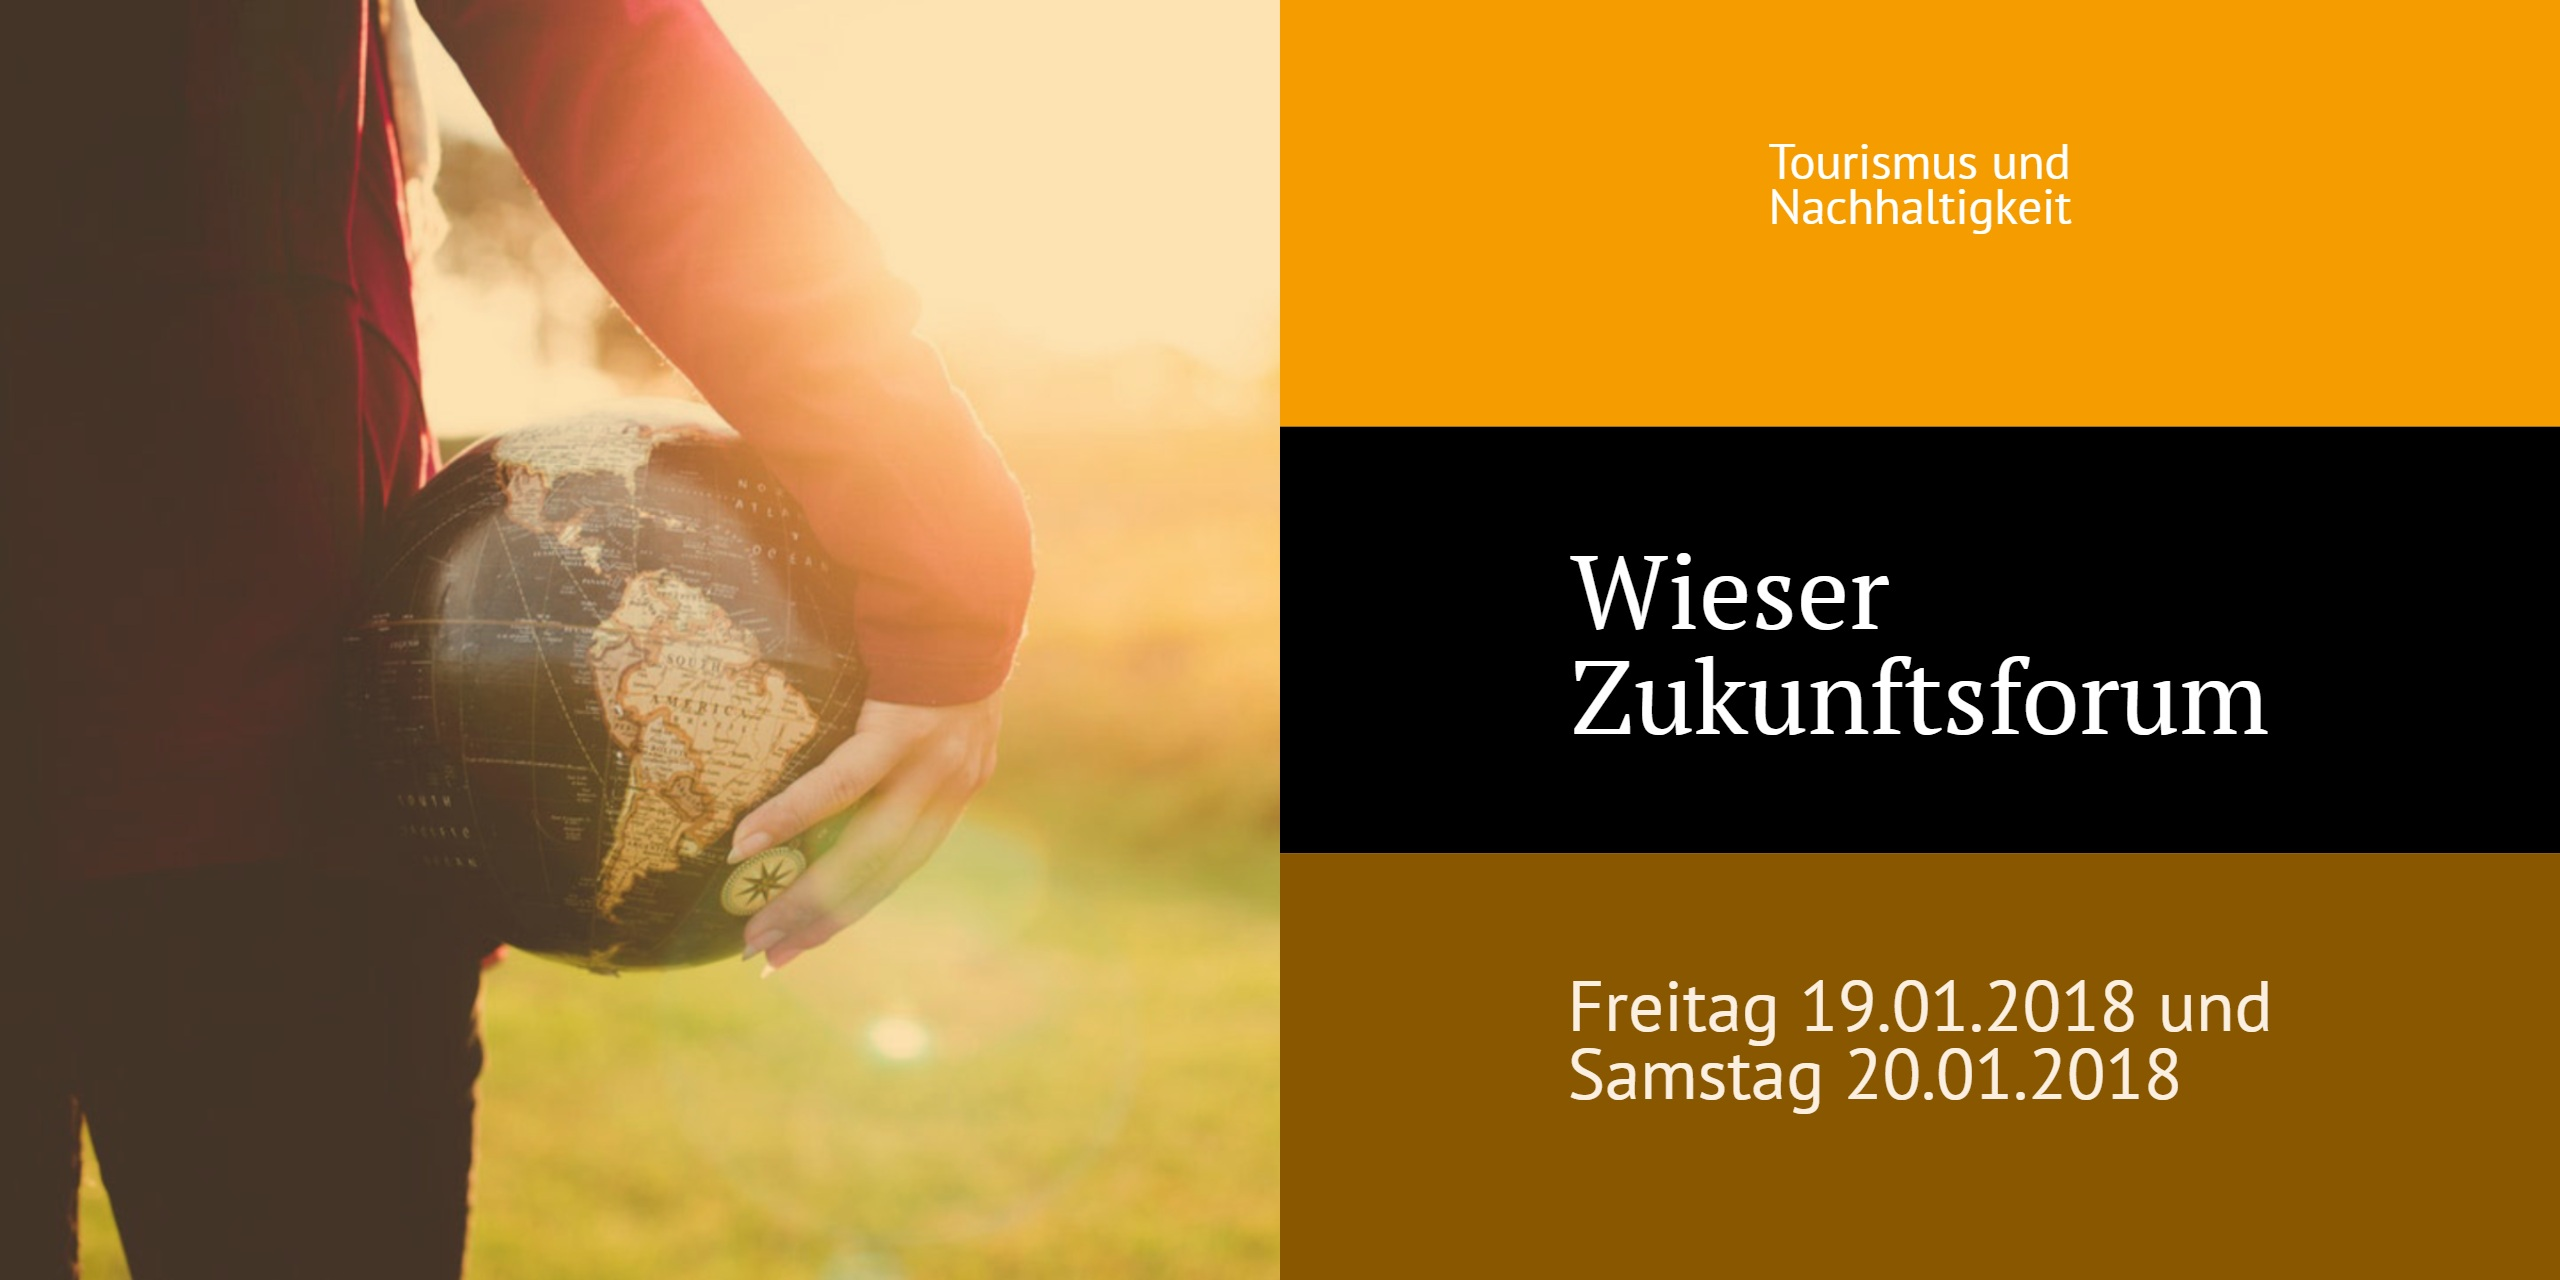 Wieser Zukunftsforum am 19./20.01.2018